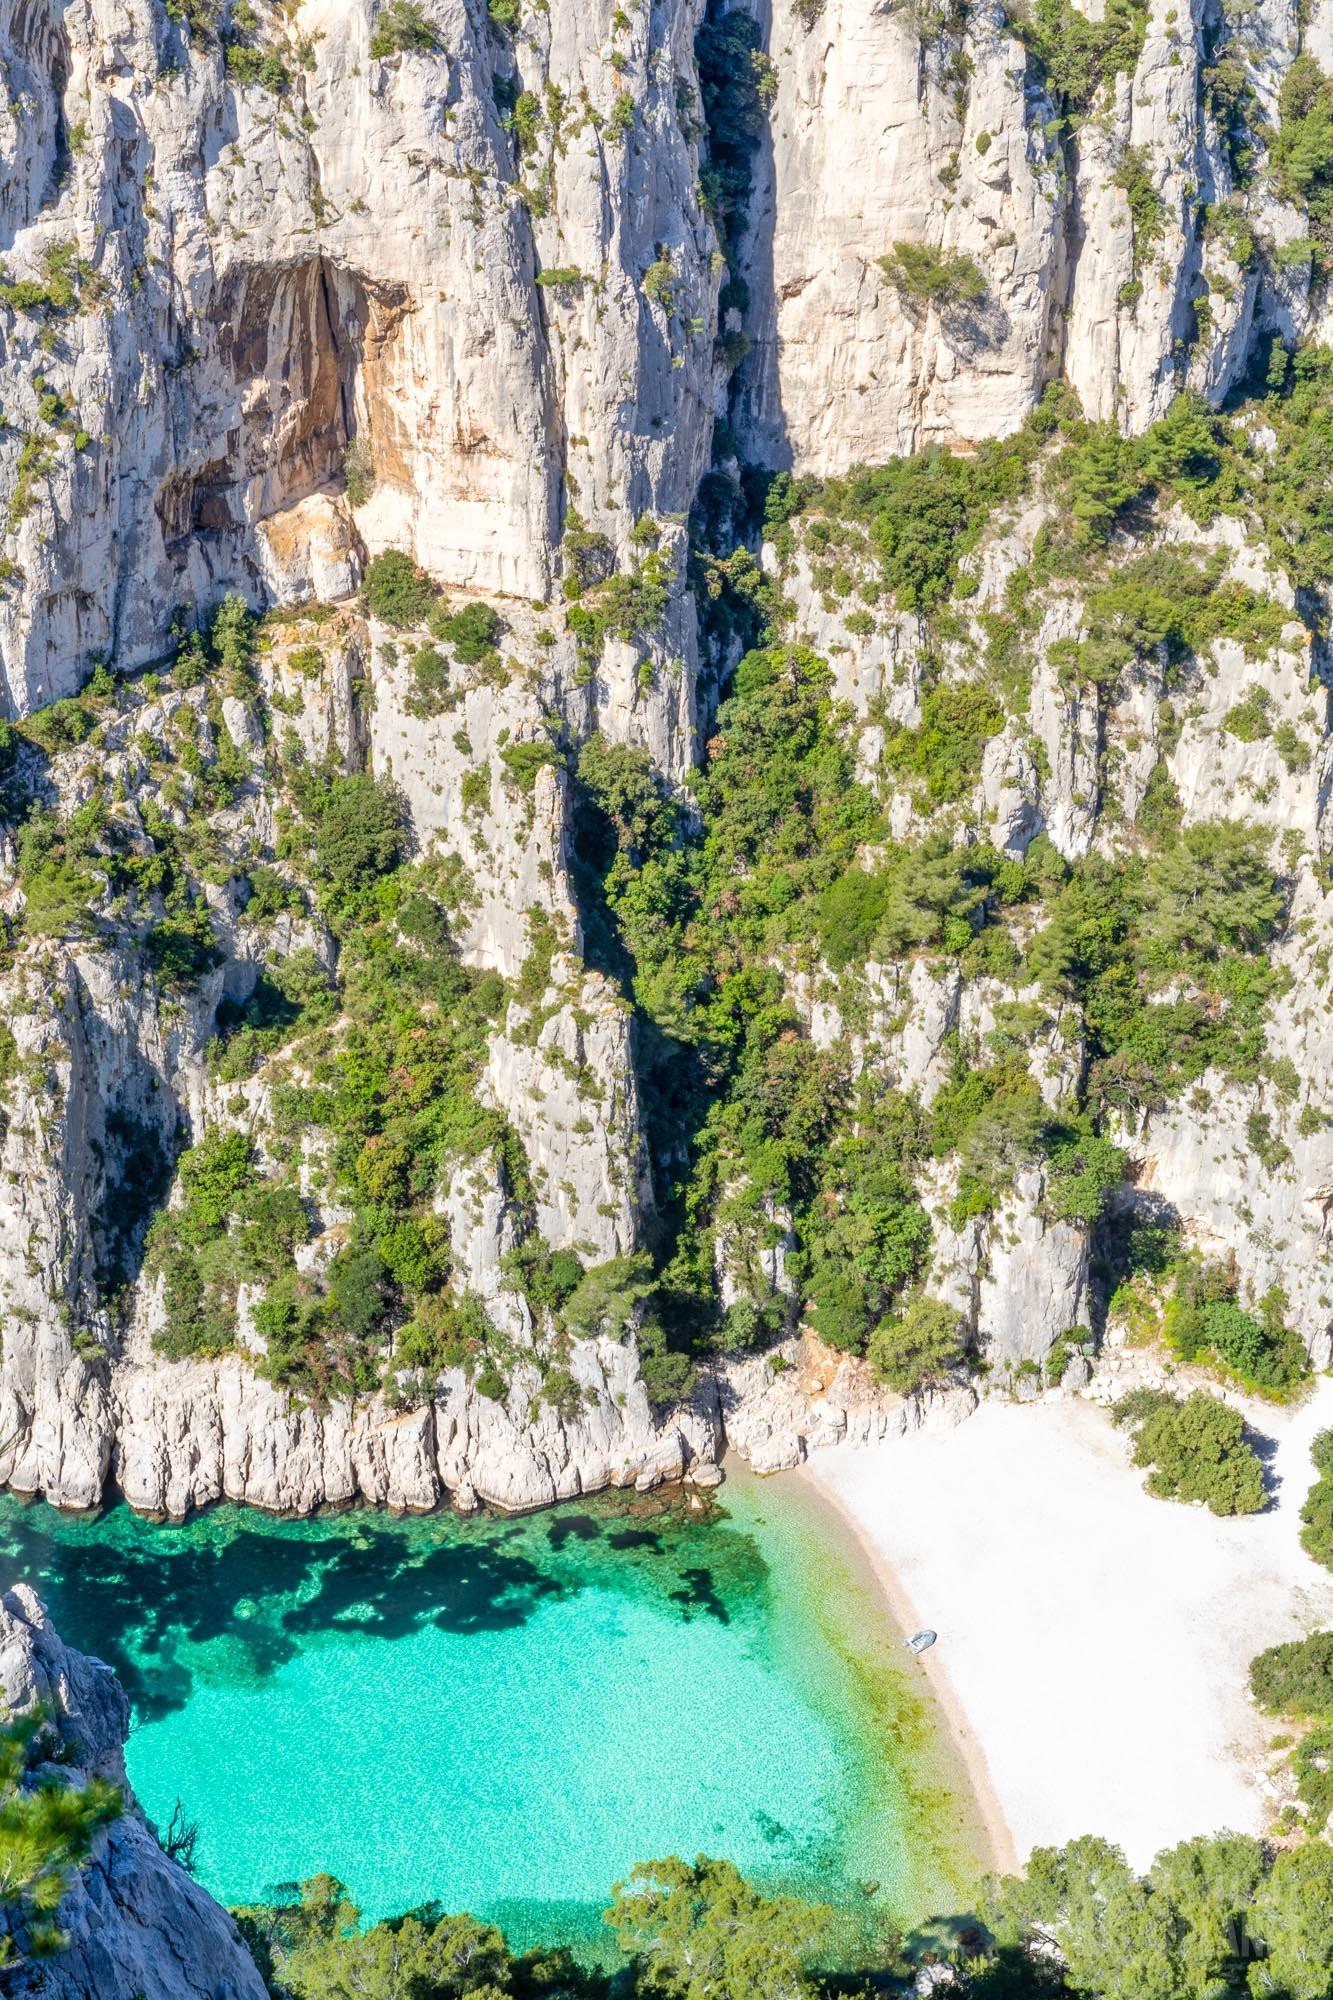 En-Vau Calanque cliffs, Azure coast France